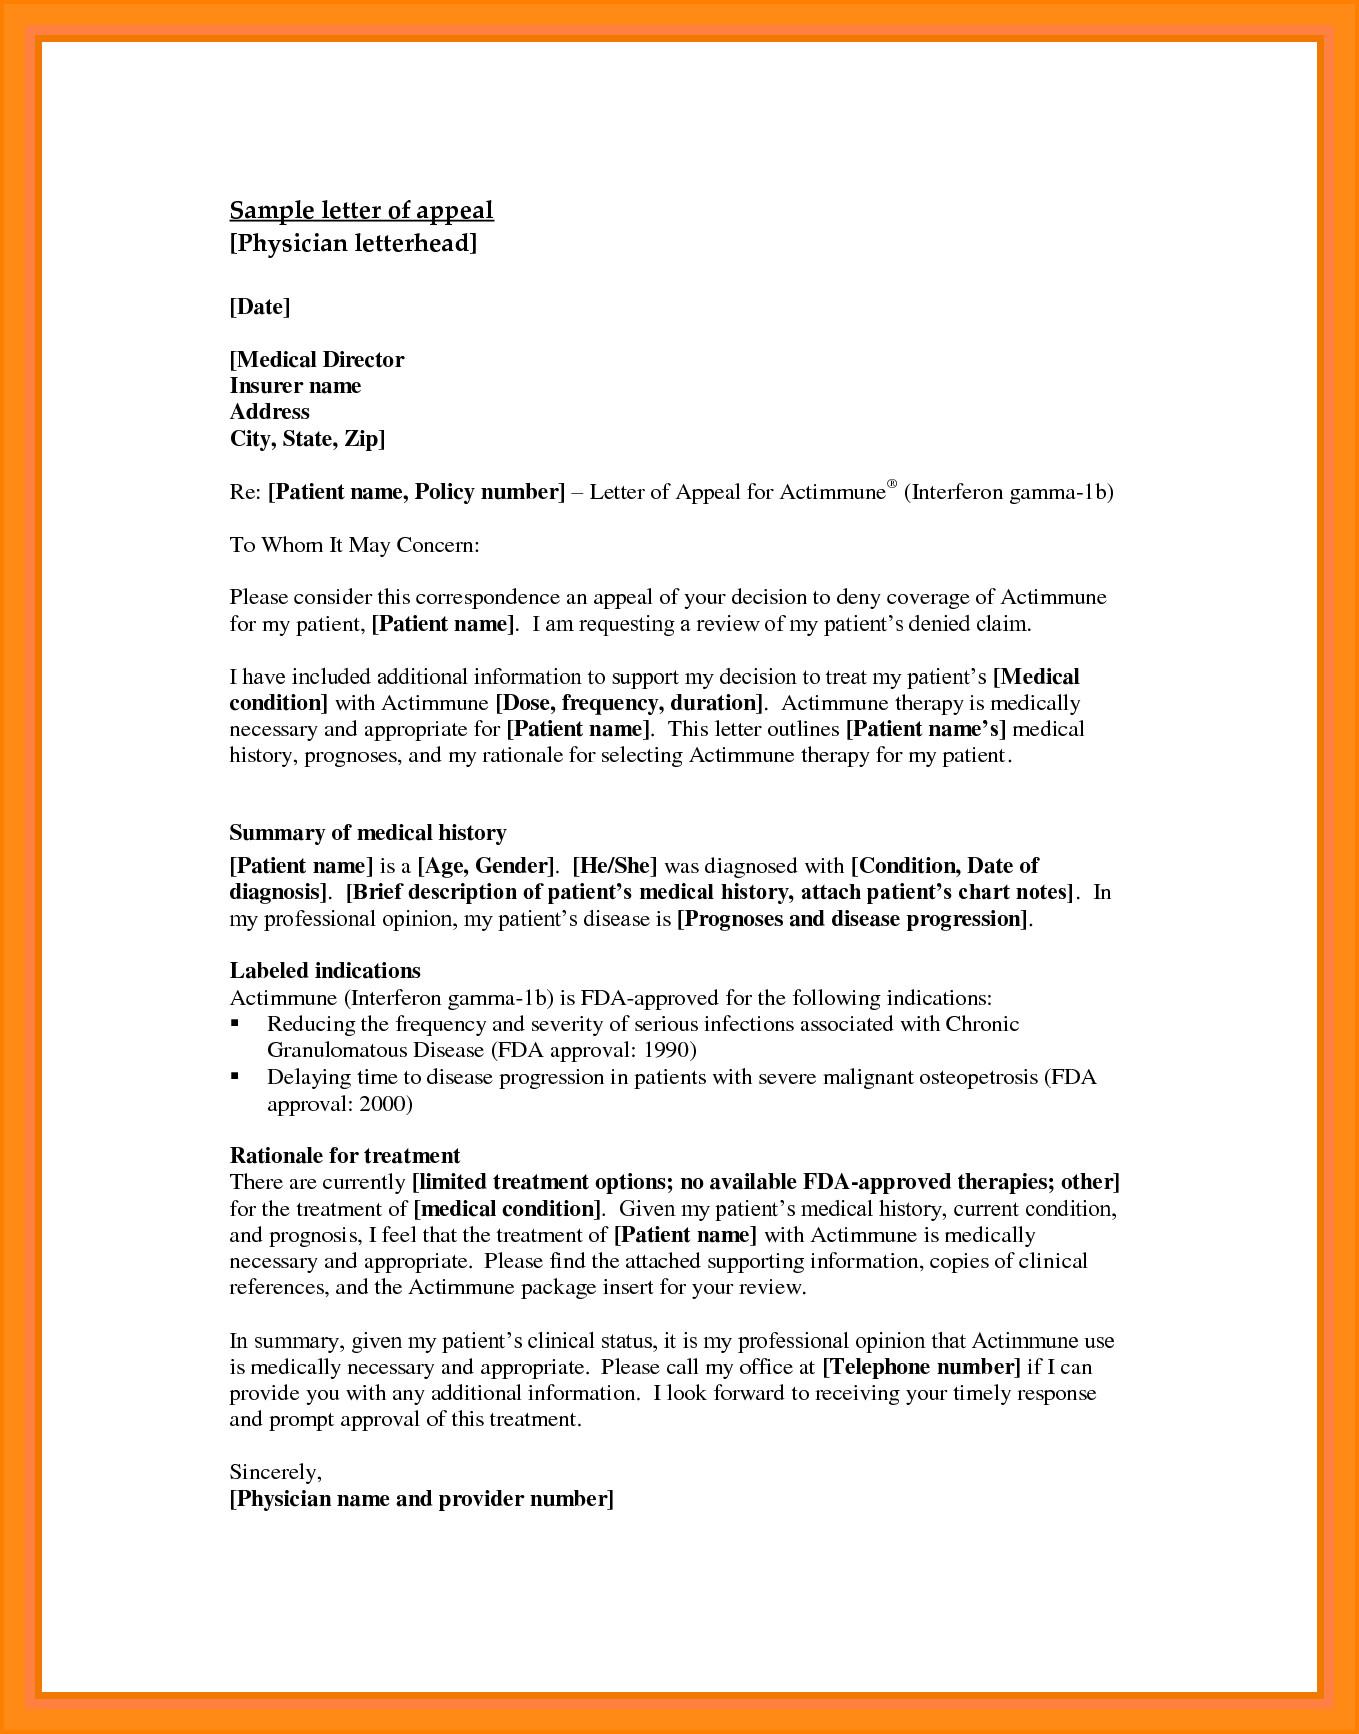 Sample Appeal Letter format 10 Appeals Letter Sample